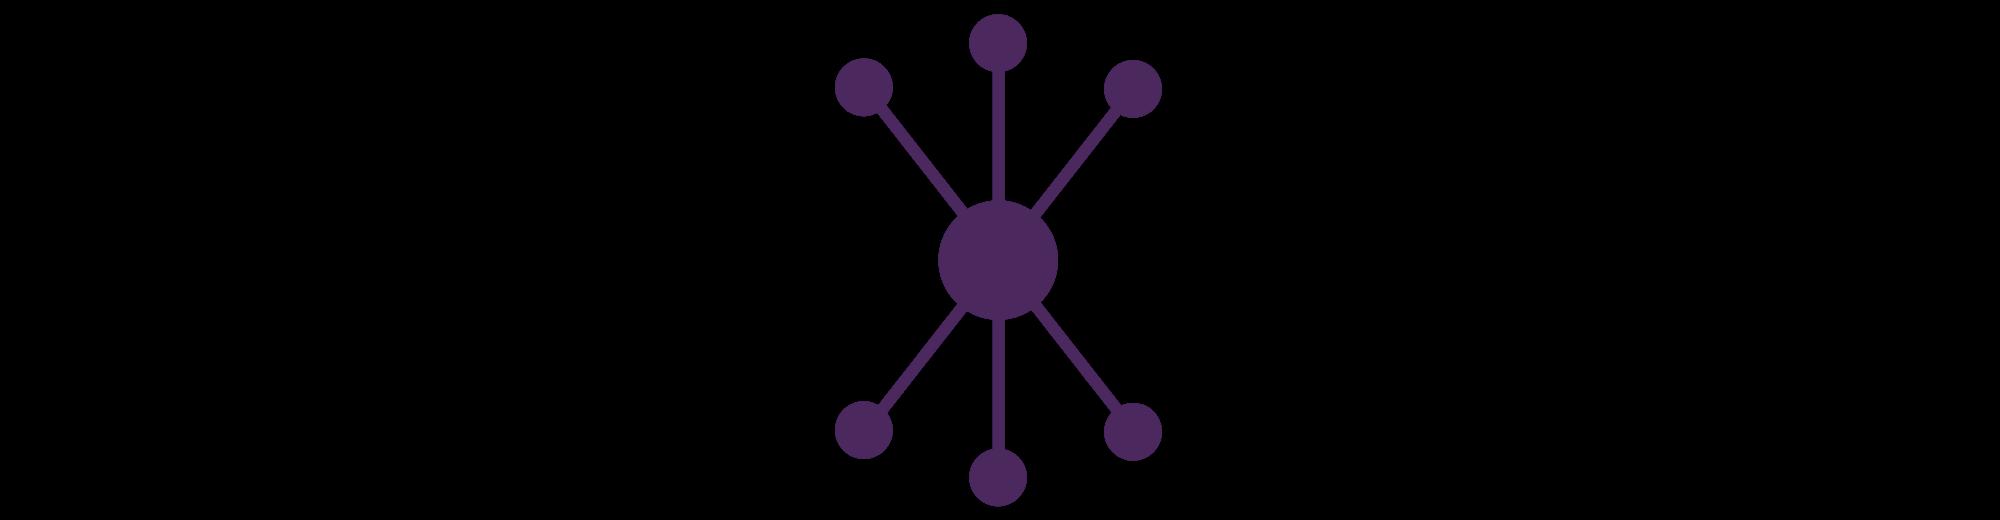 Numeracle Spoke logo